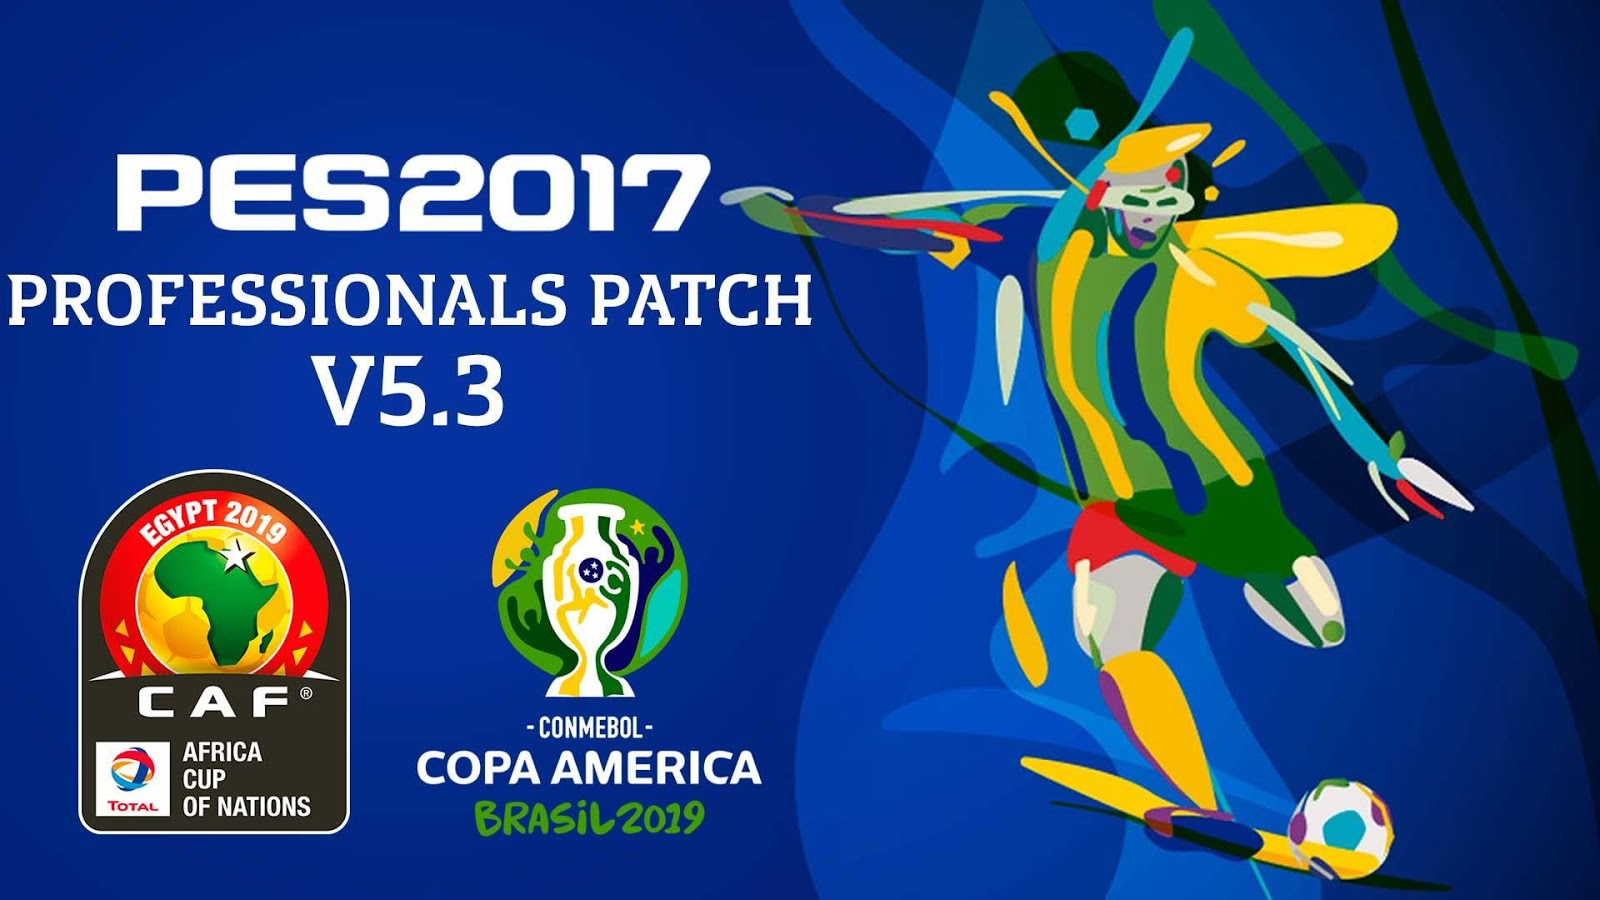 PesProfessionals Patch | V5 3 | Copa América Brasil 2019